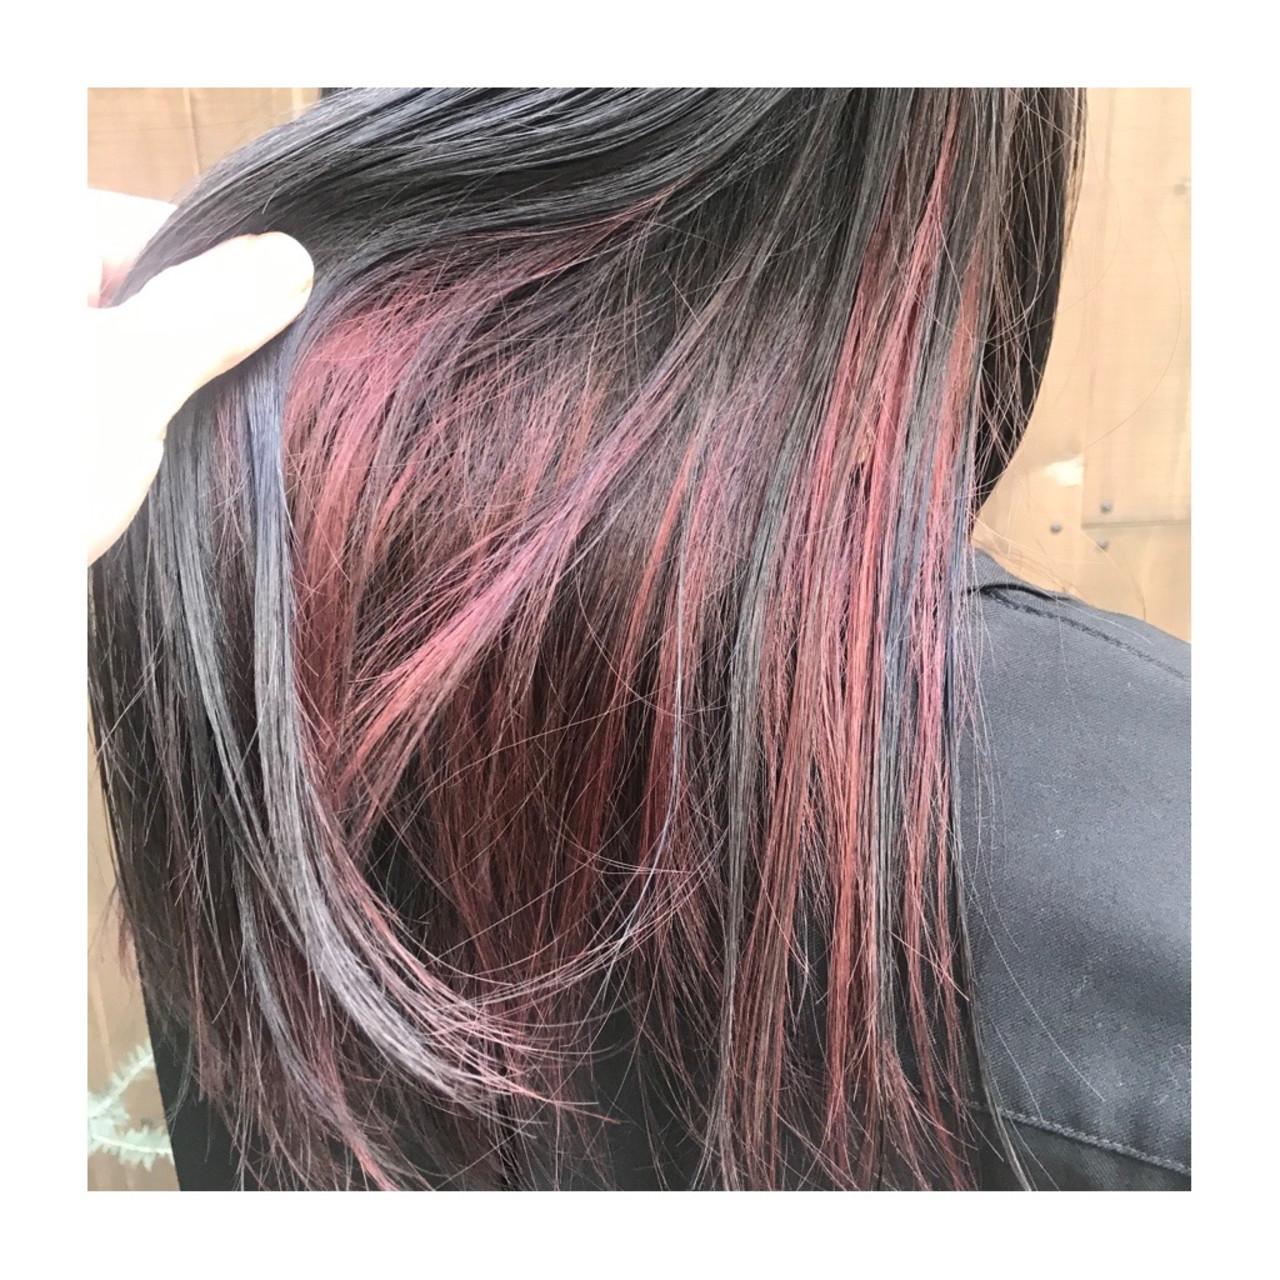 ツヤ髪 インナーカラーレッド インナーカラー ナチュラル ヘアスタイルや髪型の写真・画像